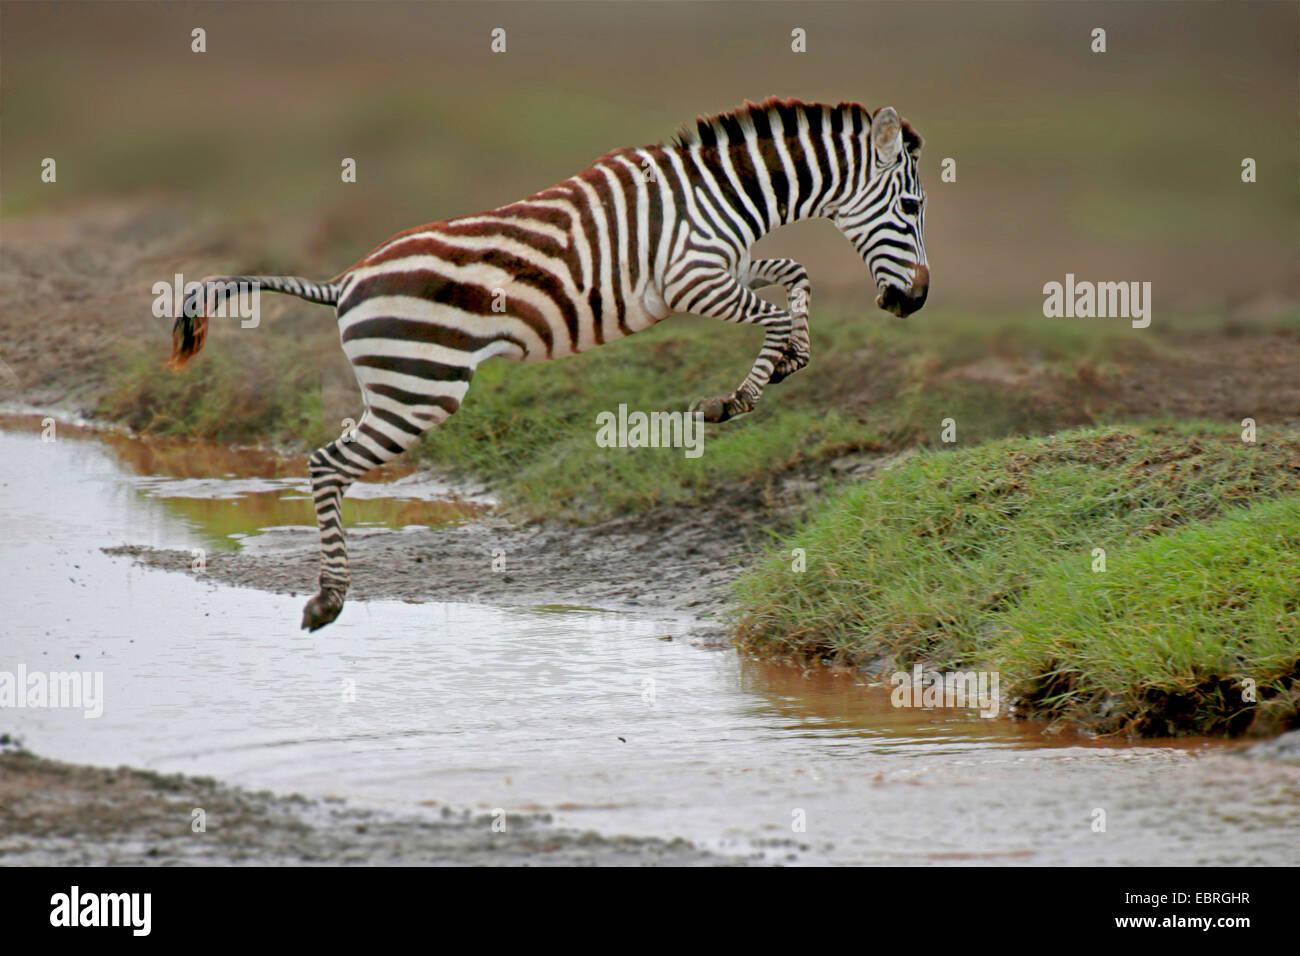 Zebra comune (Equus quagga), saltando su un torrente, Tanzania Serengeti National Park Immagini Stock